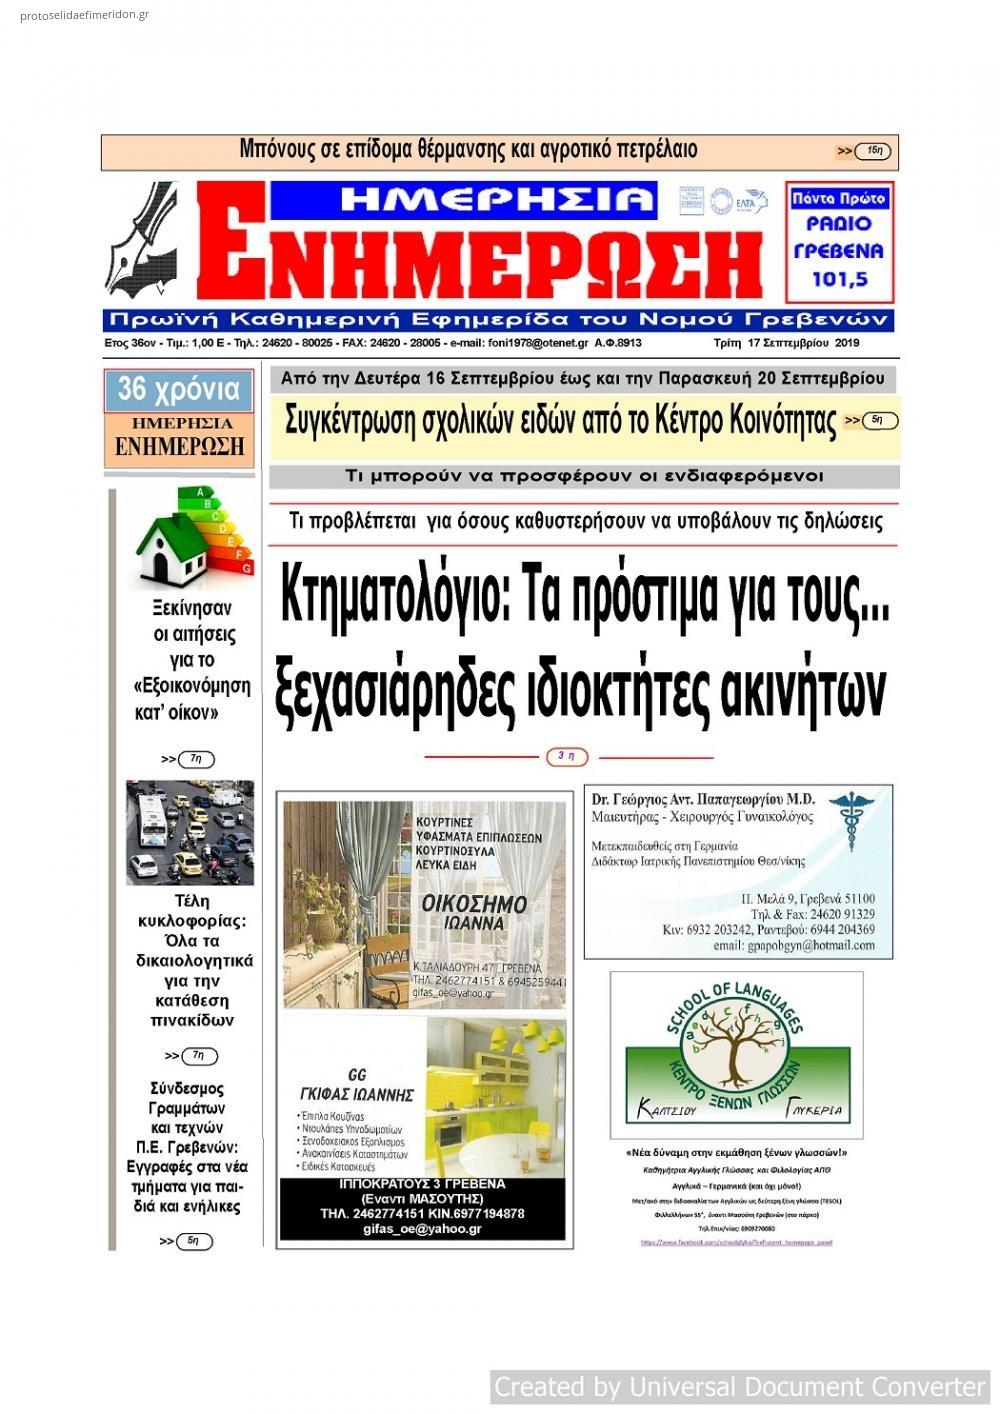 Πρωτοσέλιδο εφημερίδας Ημερήσια Ενημέρωση